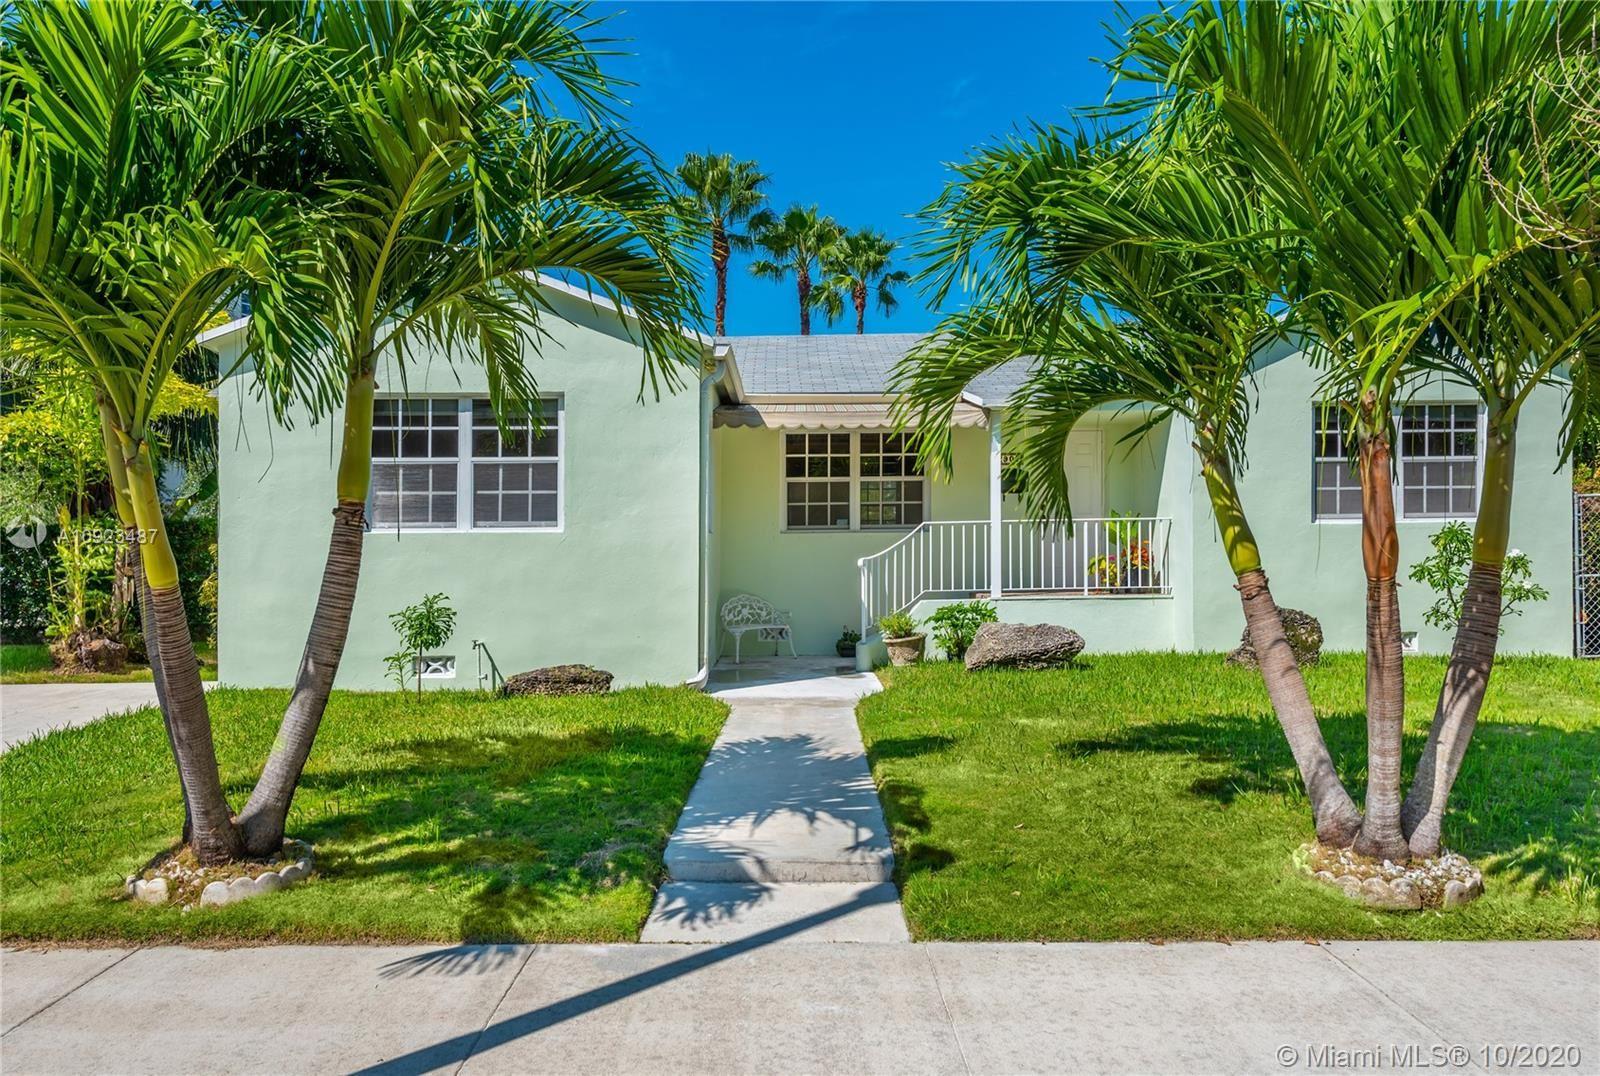 902 NW 10th Ct, Miami, FL 33136 - #: A10923487